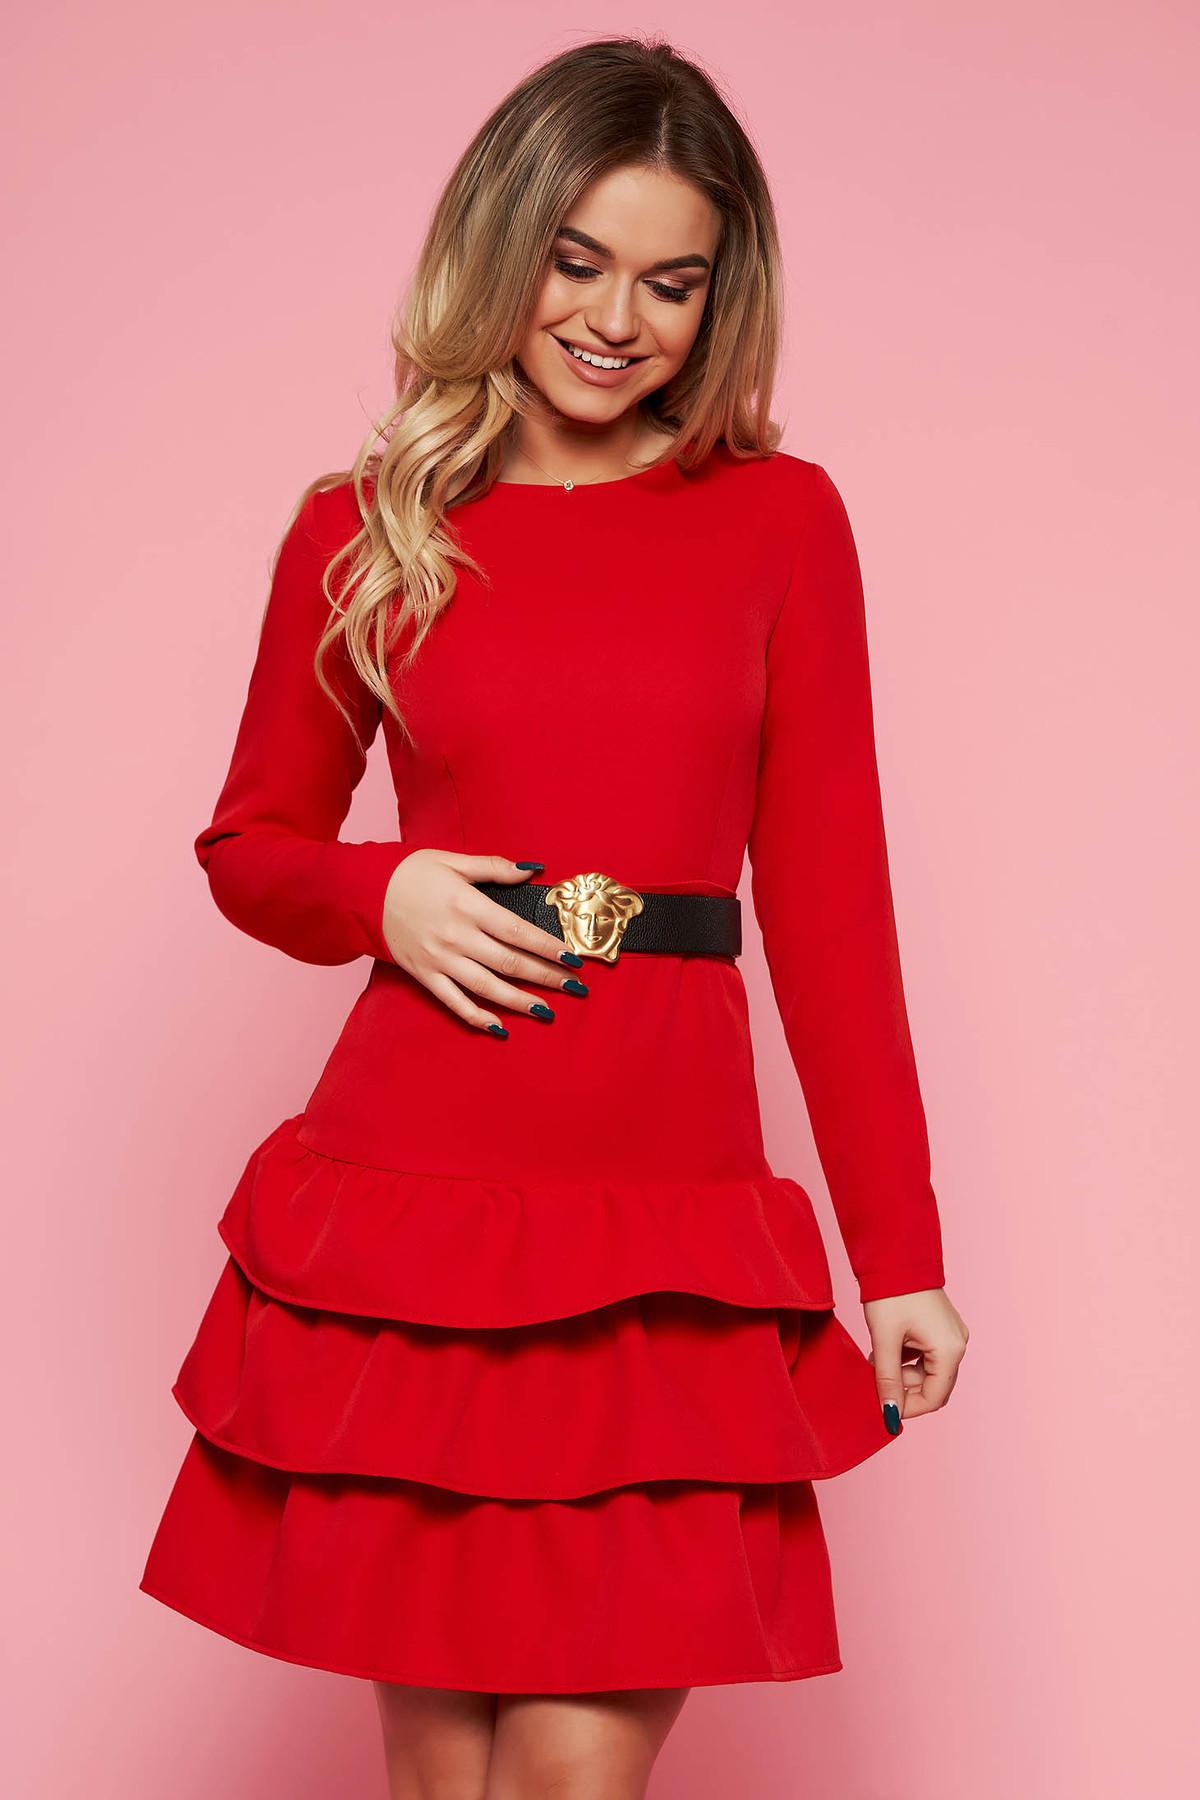 5d0945cdd8 Piros party ruha enyhén elasztikus szövet szűk szabás öv típusú  kiegészítővel